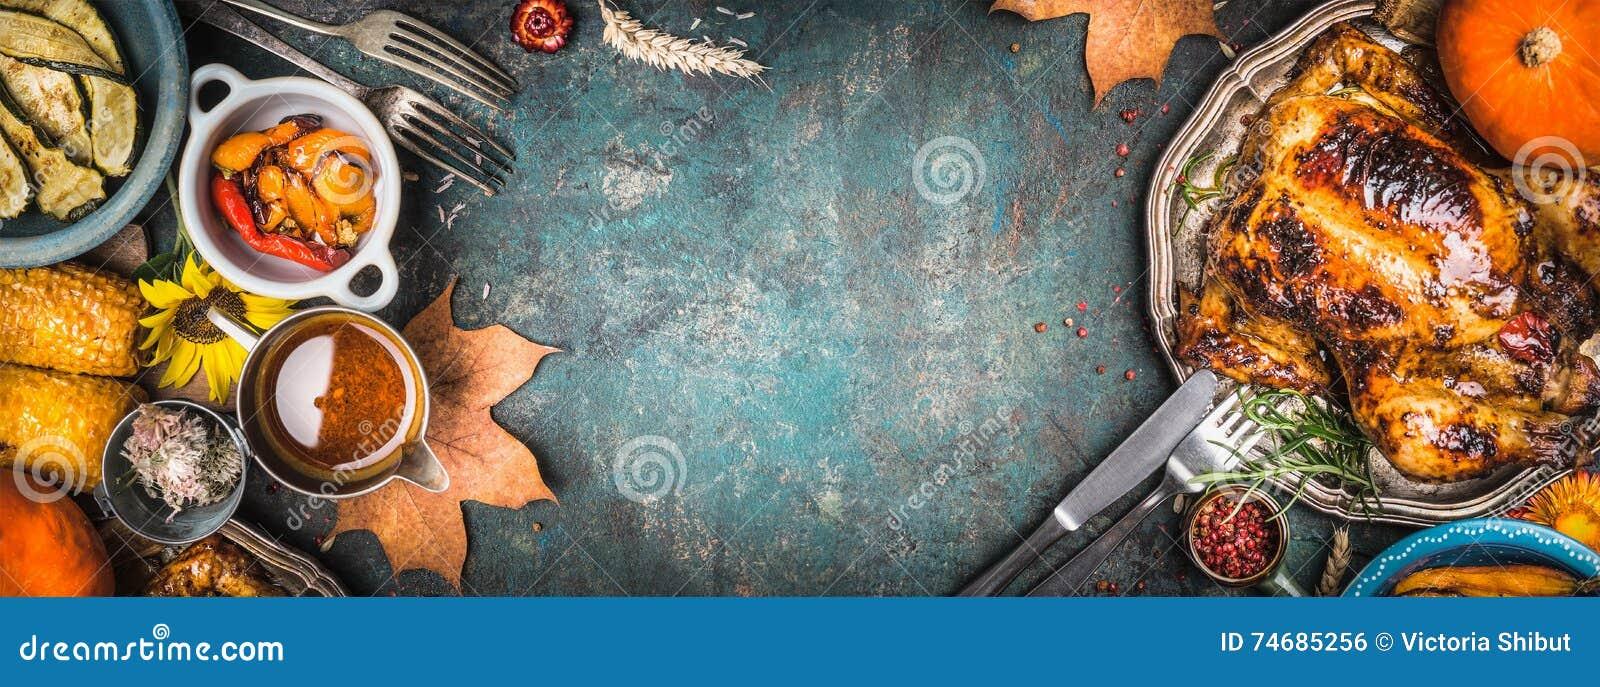 A galinha inteira ou o peru roasted delicioso na placa com cutelaria e molho, colheita grelharam vegetais no fundo rústico escuro